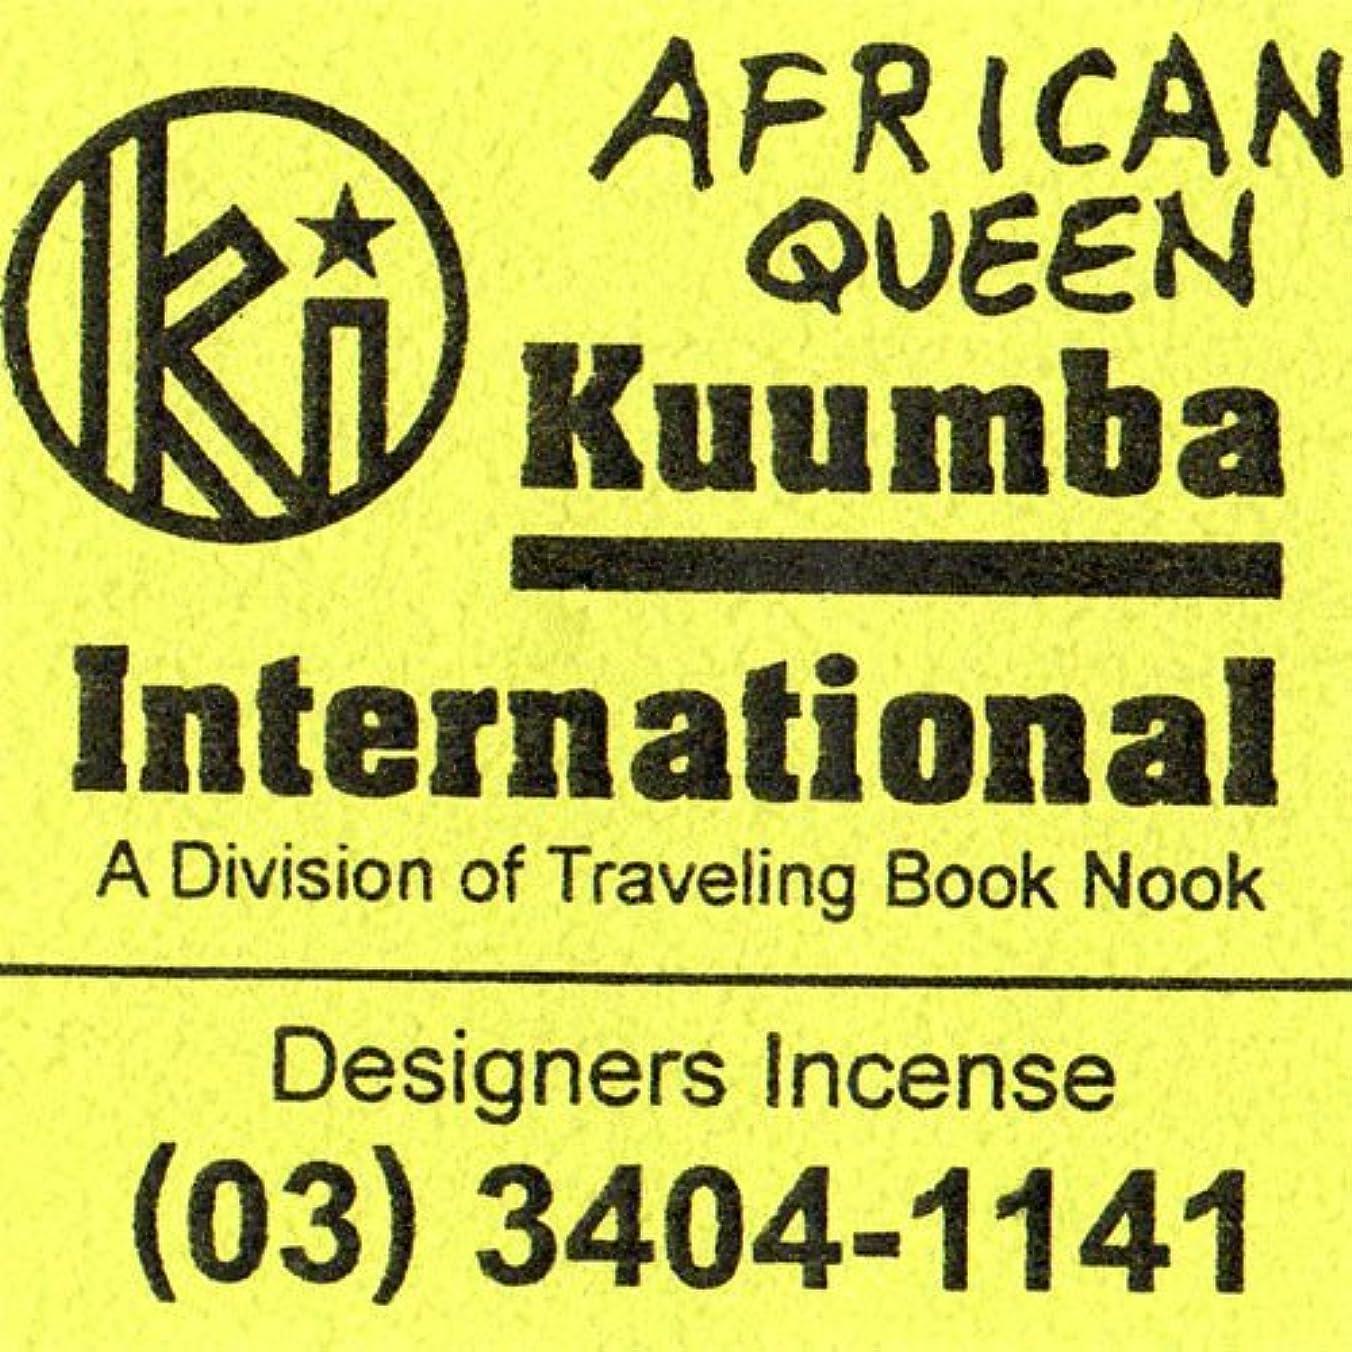 倉庫アルコーブもし(クンバ) KUUMBA『incense』(AFRICAN QUEEN) (Regular size)